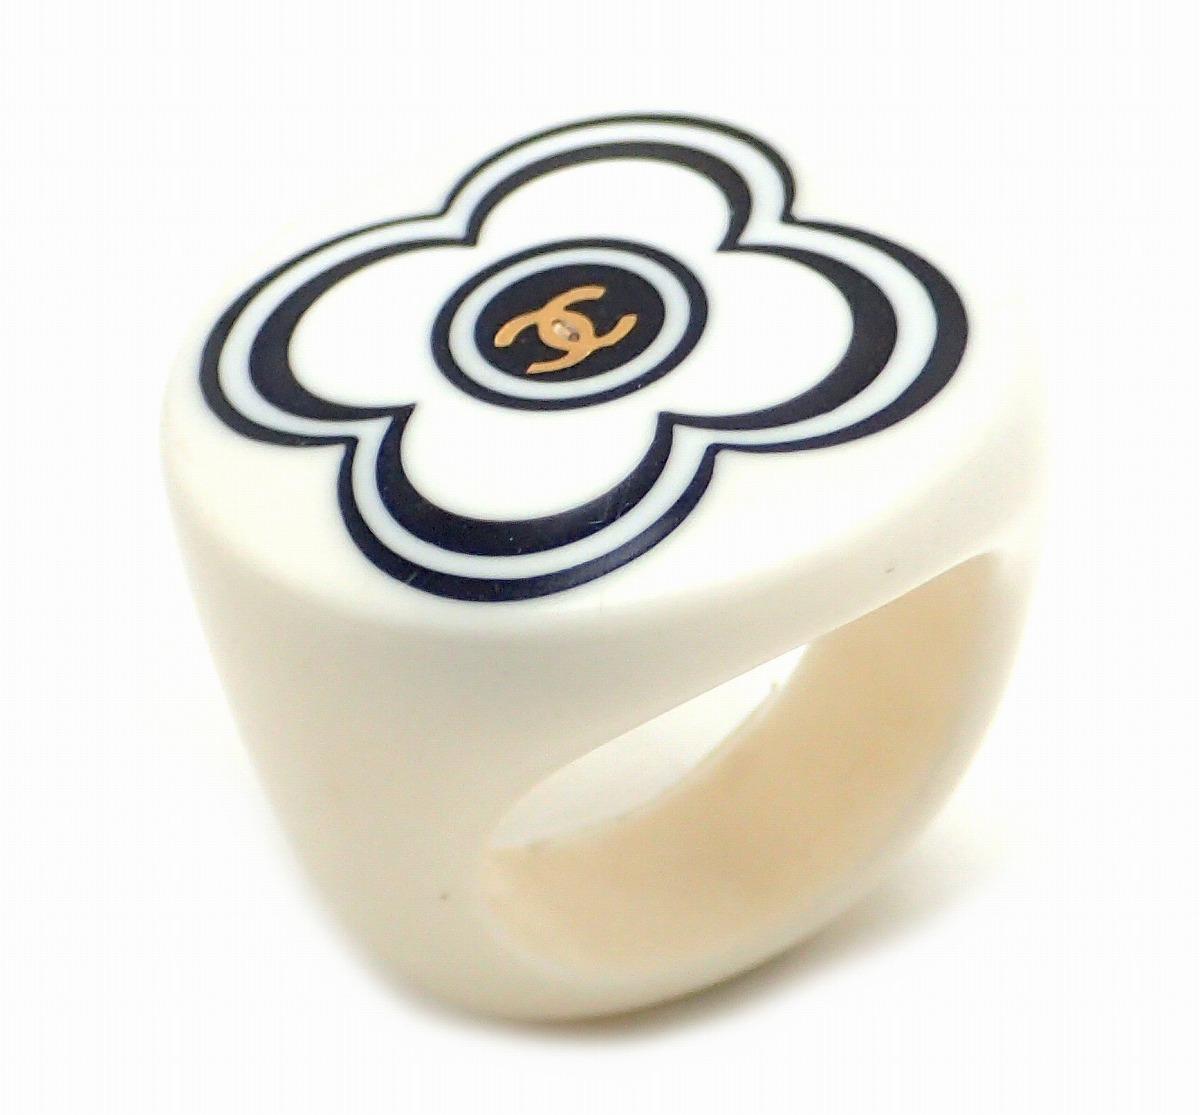 【ジュエリー】CHANEL シャネル カメリア ココマーク リング 指輪 プラスティック ブラック 黒 ホワイト 白 00A 13.5号 #13.5 【中古】【k】